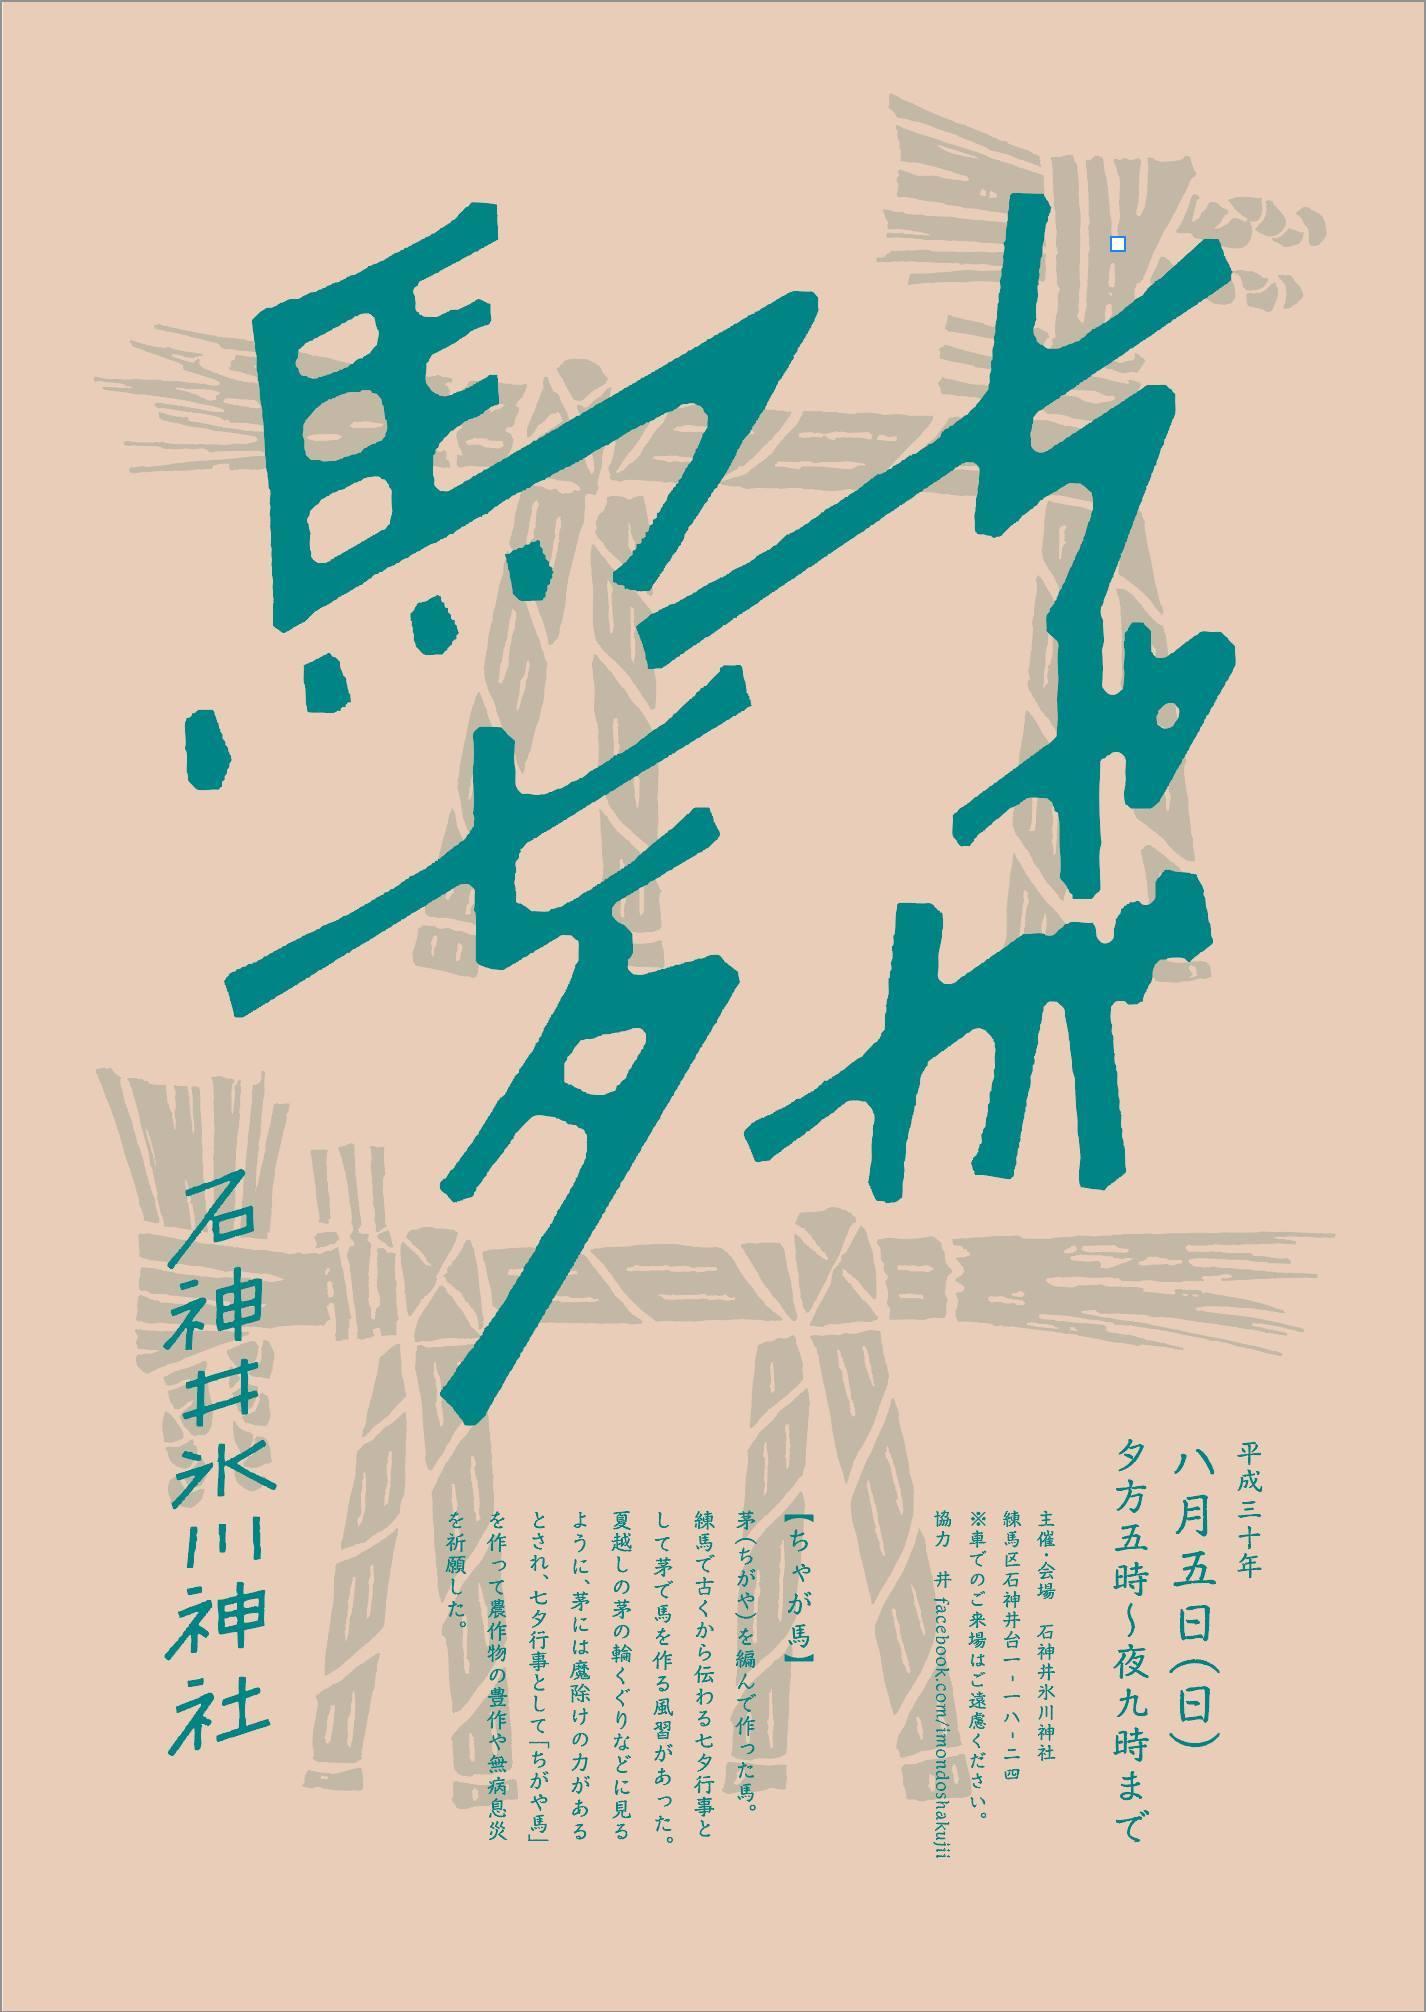 【8/6】「ちゃが馬七夕」に出店します_a0121669_12405531.jpg